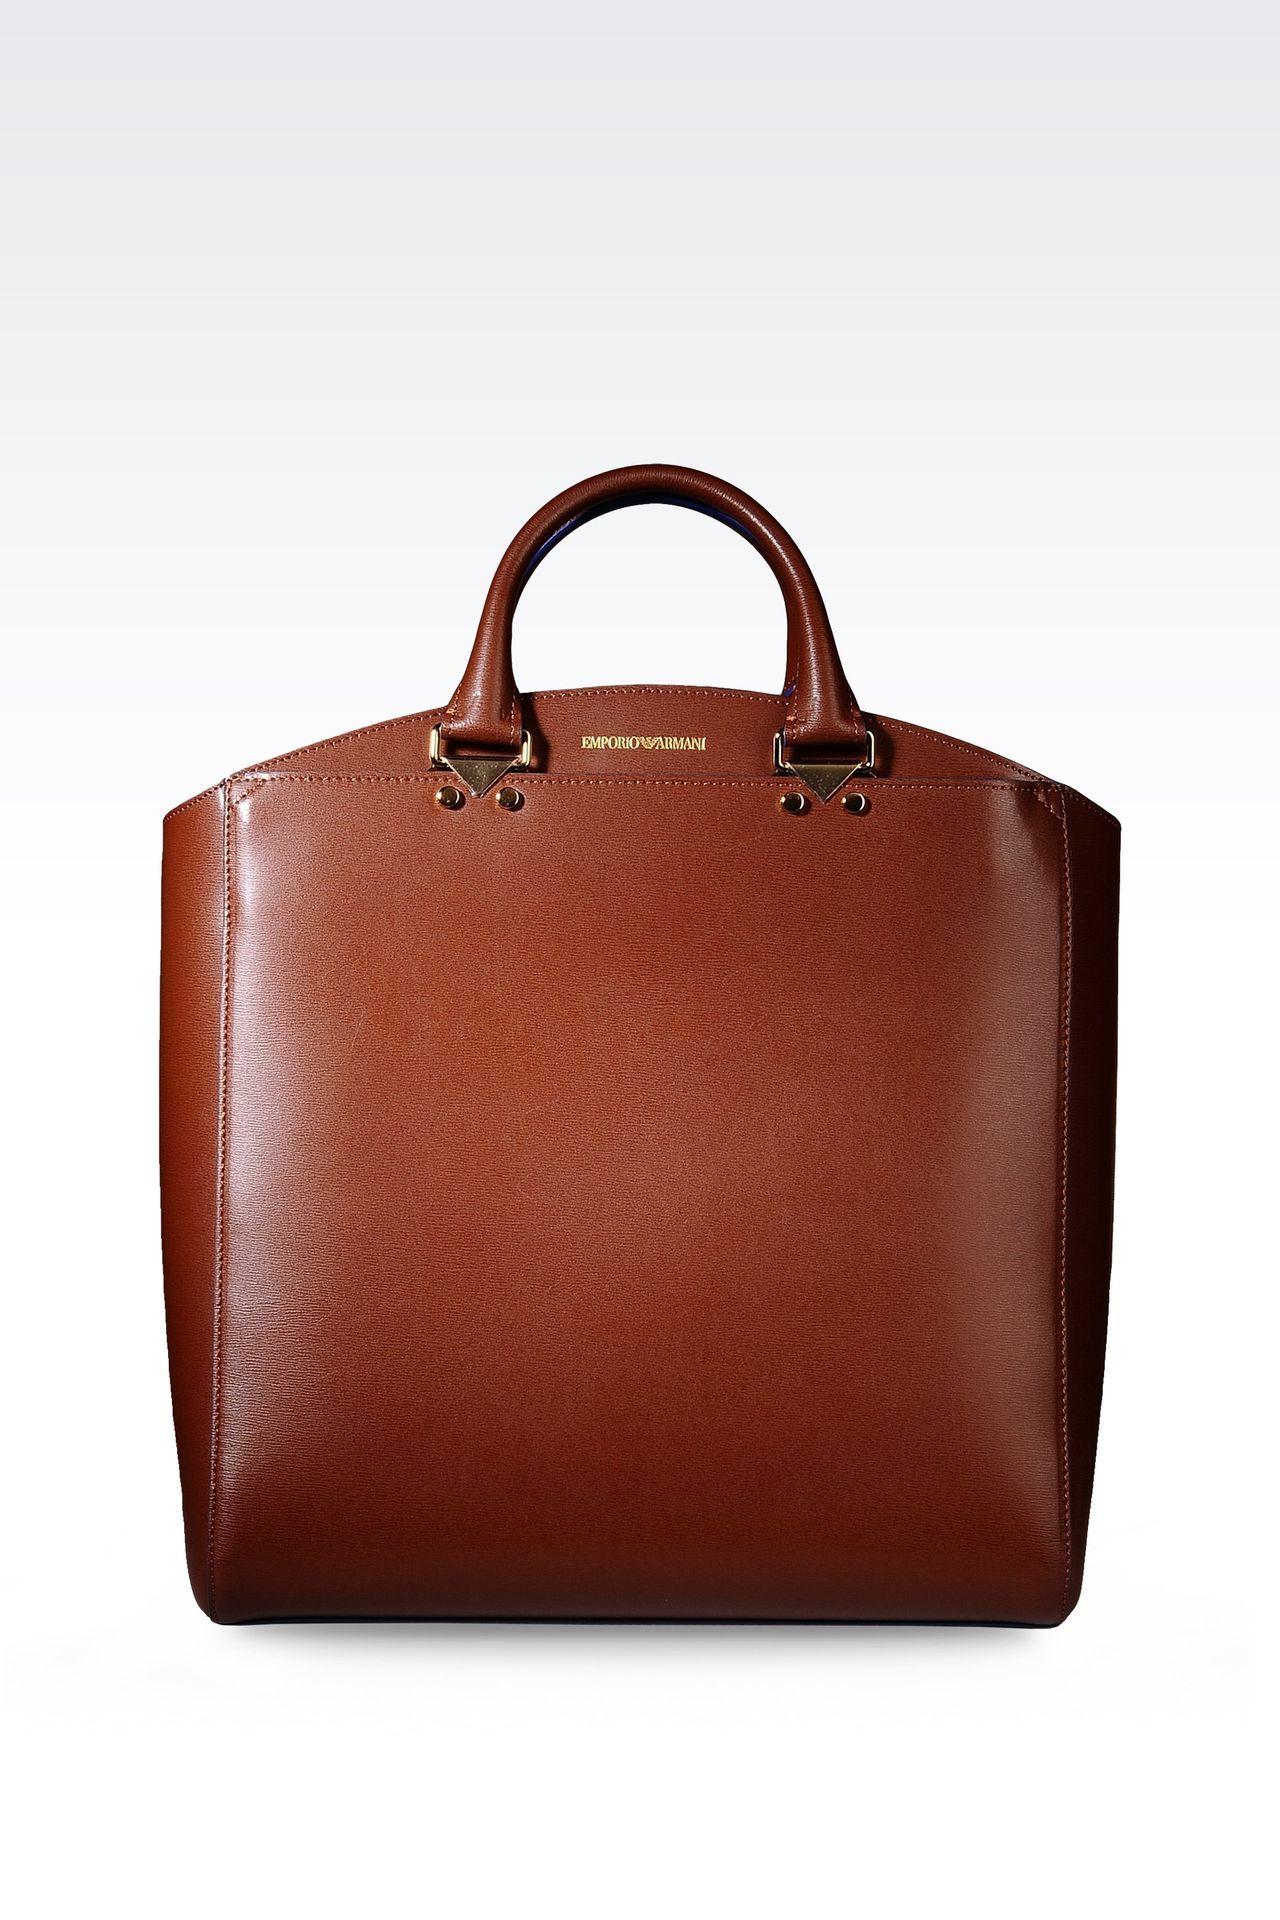 0fda7d1b897  Emporio Armani Women Shopper - TOTE BAG IN BOARDED CALFSKIN Emporio Armani  Official Online Store